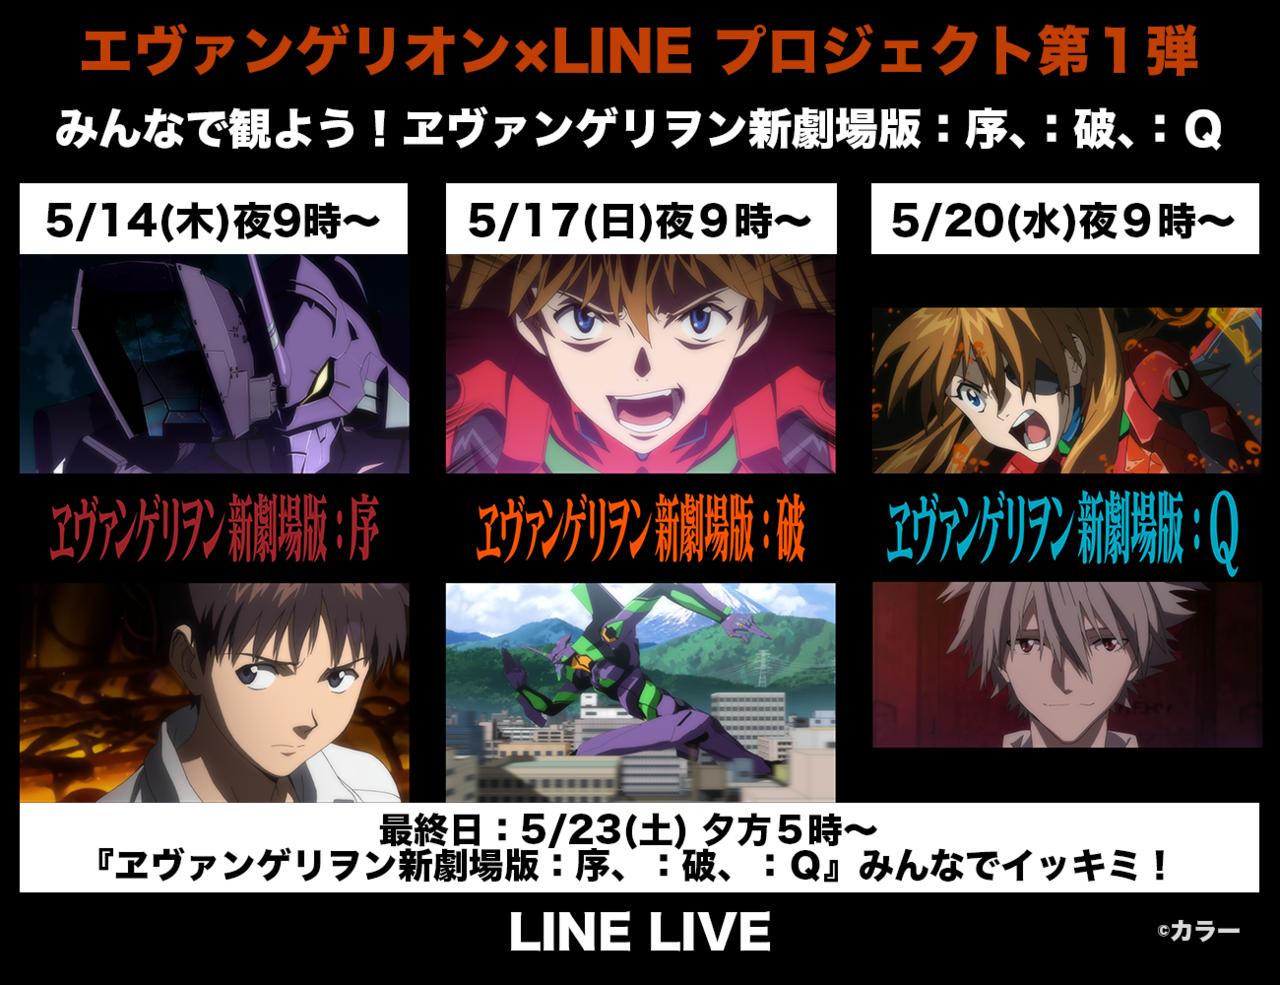 『ヱヴァンゲリヲン新劇場版』がLINE LIVEで無料配信! 同時視聴で盛り上がろう!